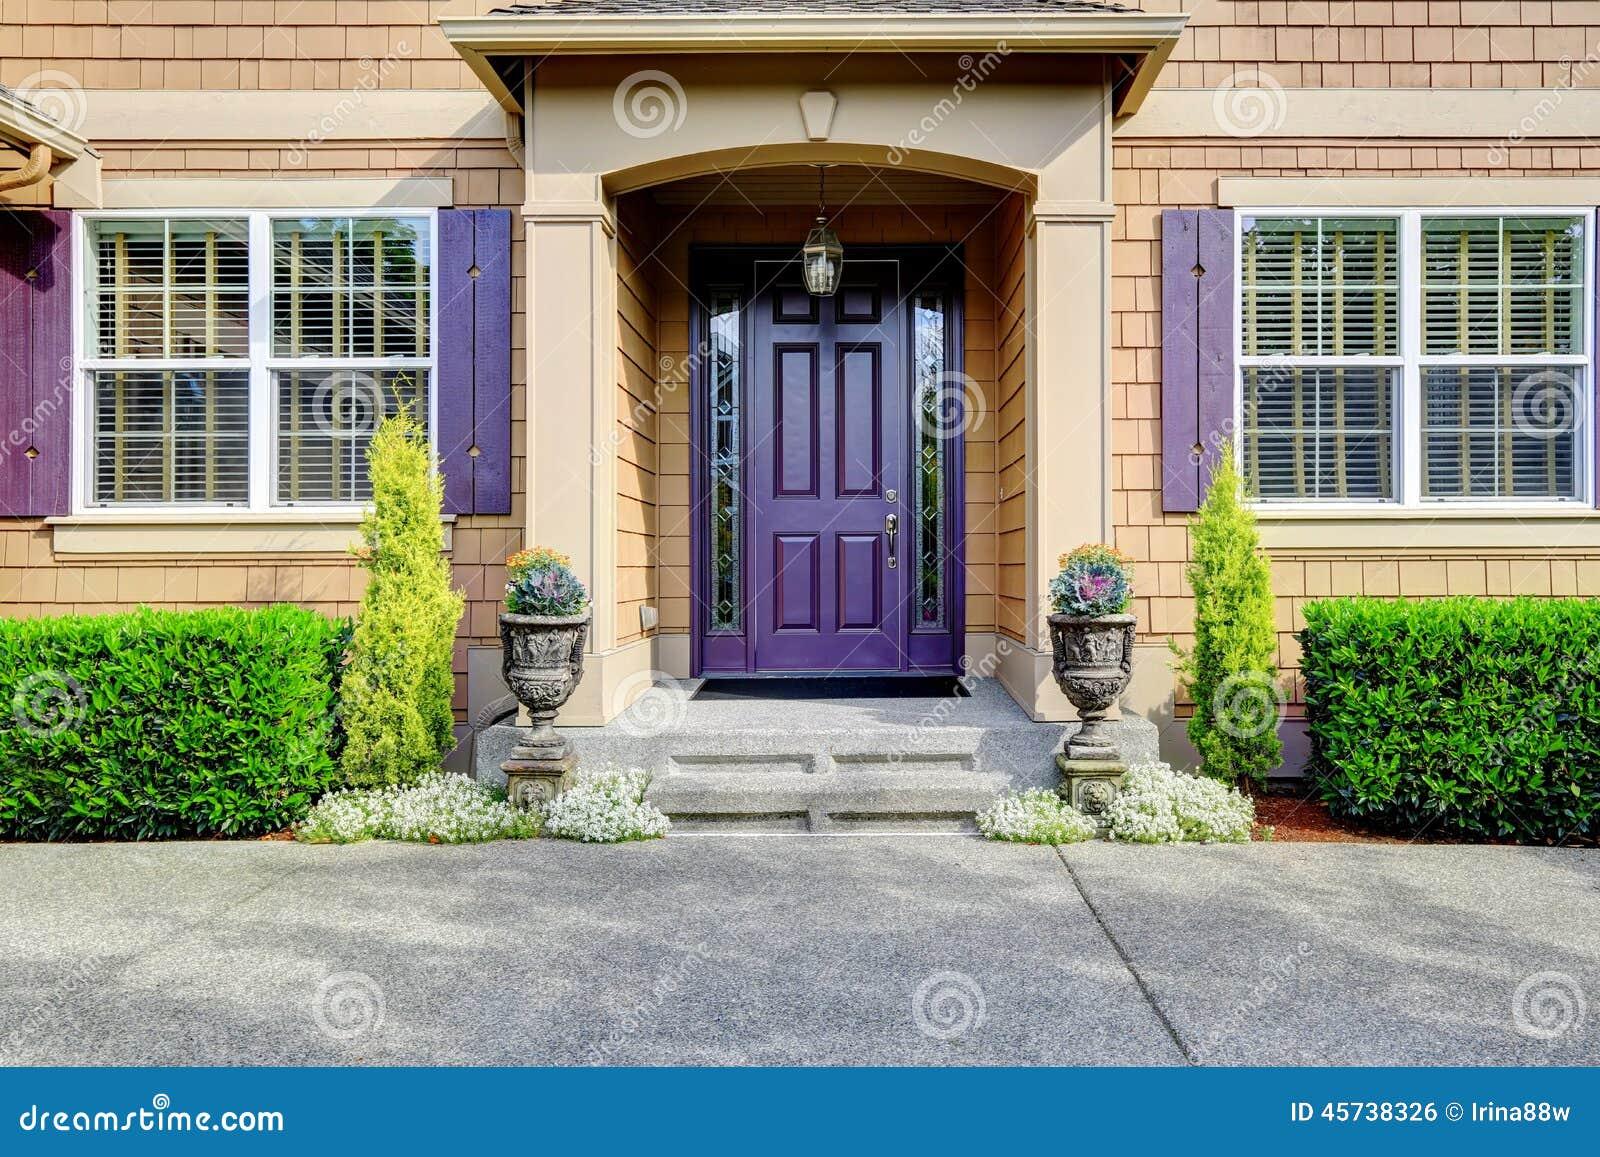 Populaire Extérieur De Luxe De Maison Porche D'entrée Avec La Porte Pourpre  JZ42